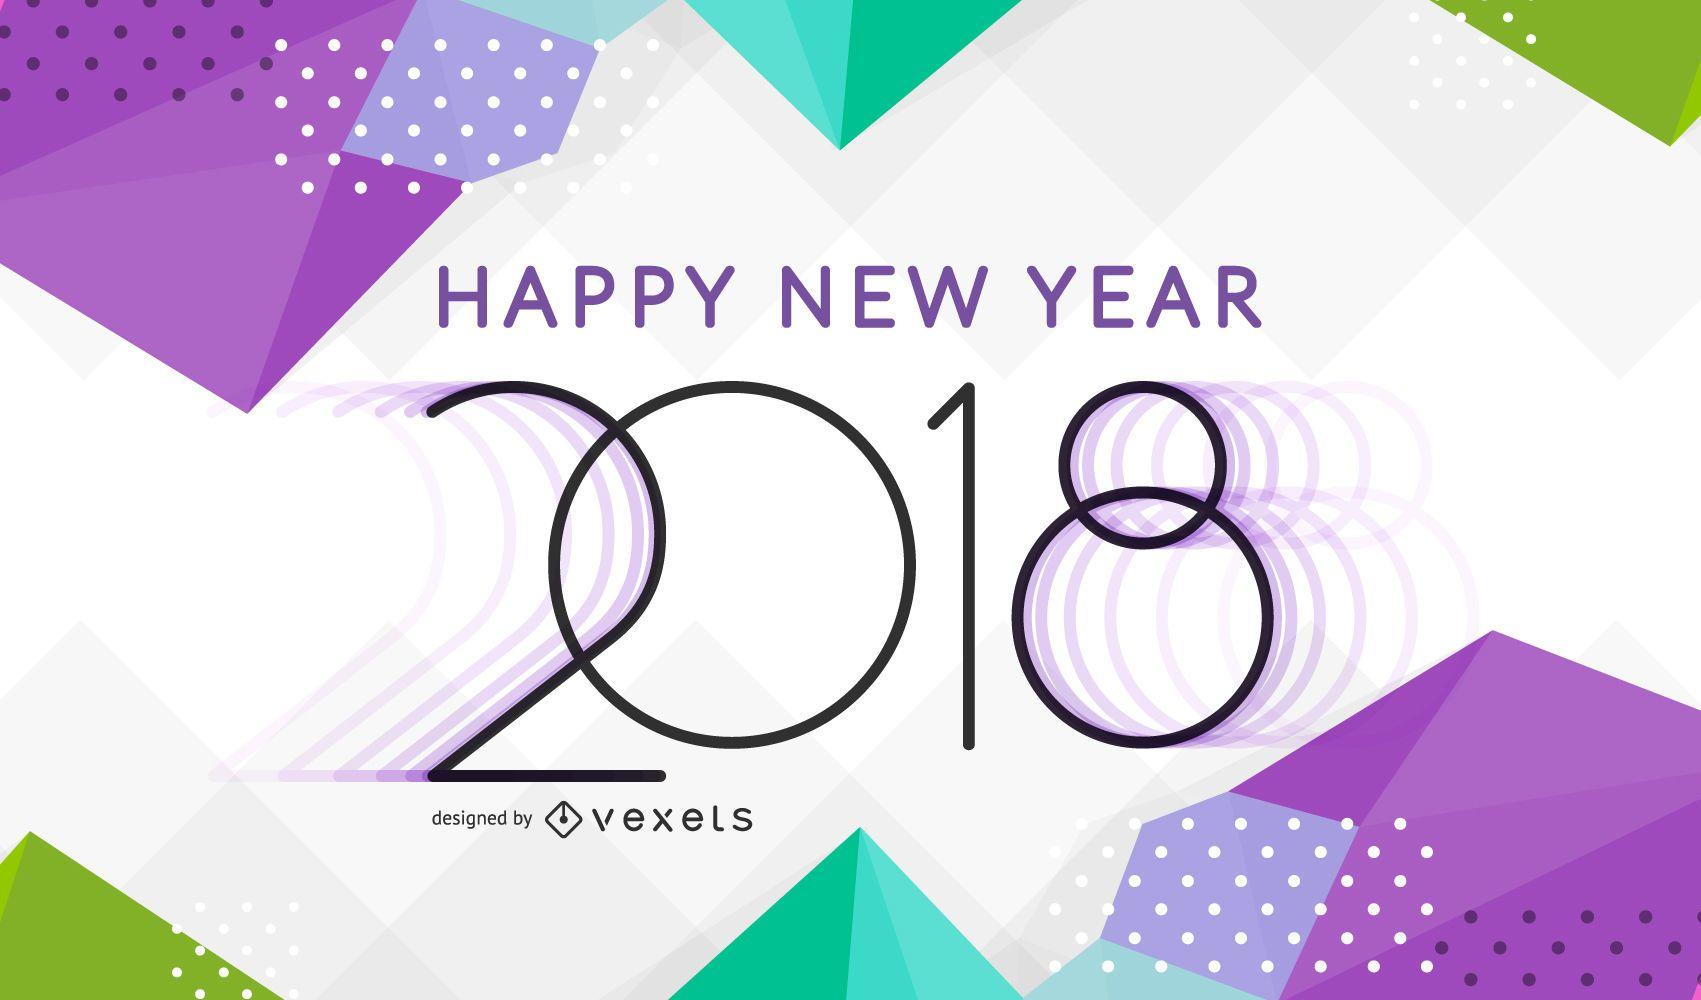 Bright polygonal 2018 New Year